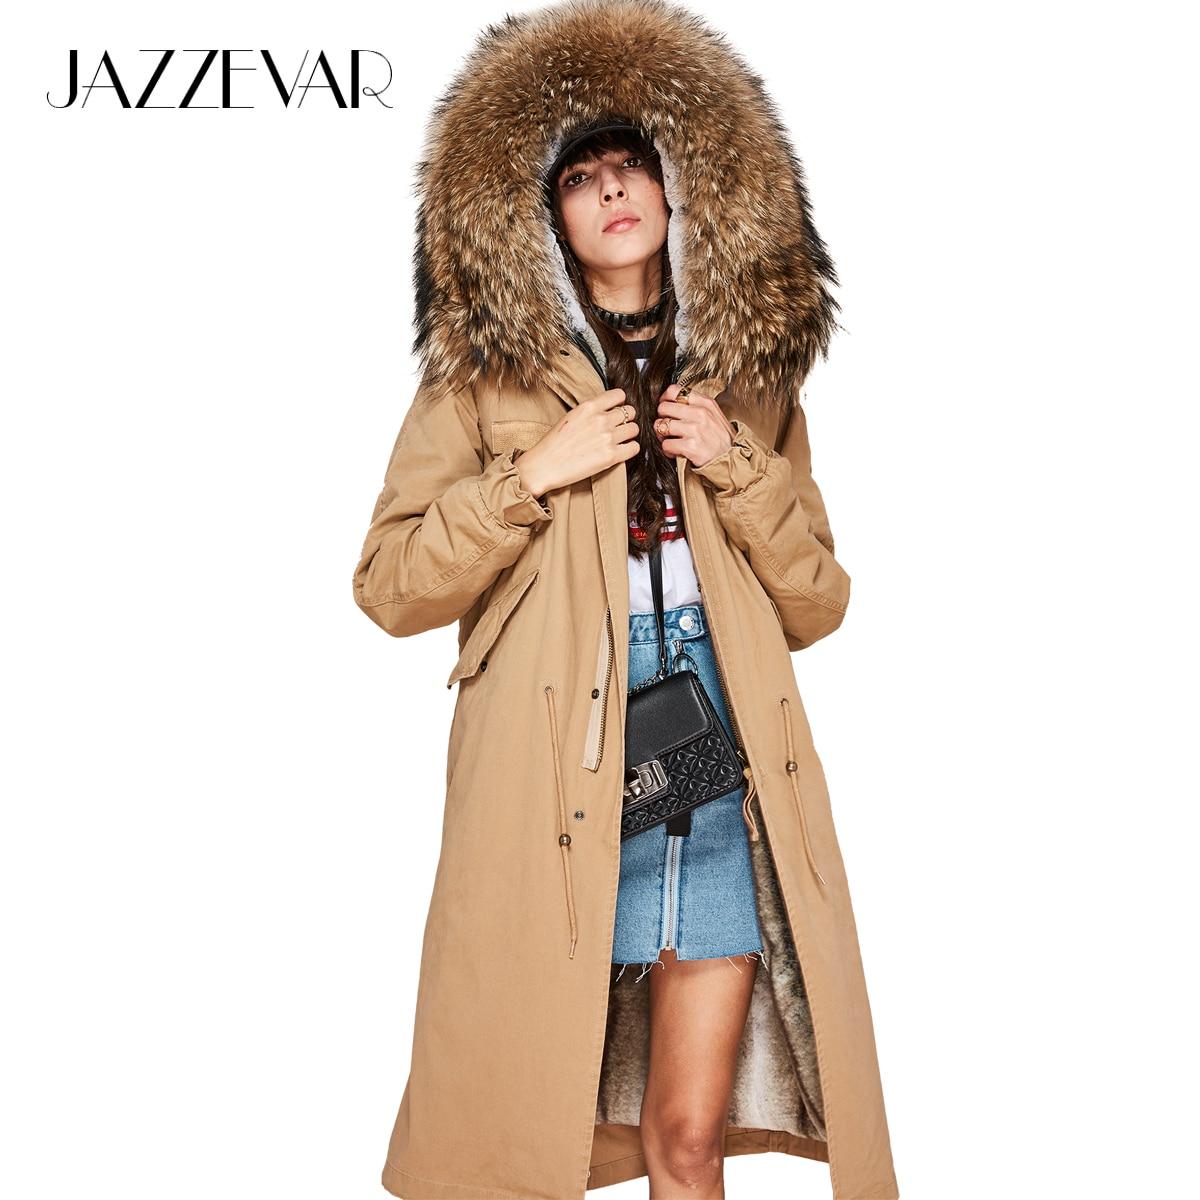 JAZZEVAR 2019 delle Nuove Donne di Modo X-Lungo parka grande reale racoon collo di pelliccia Con Cappuccio Del Cappotto Outwear naturale di colore Militare giacca invernale